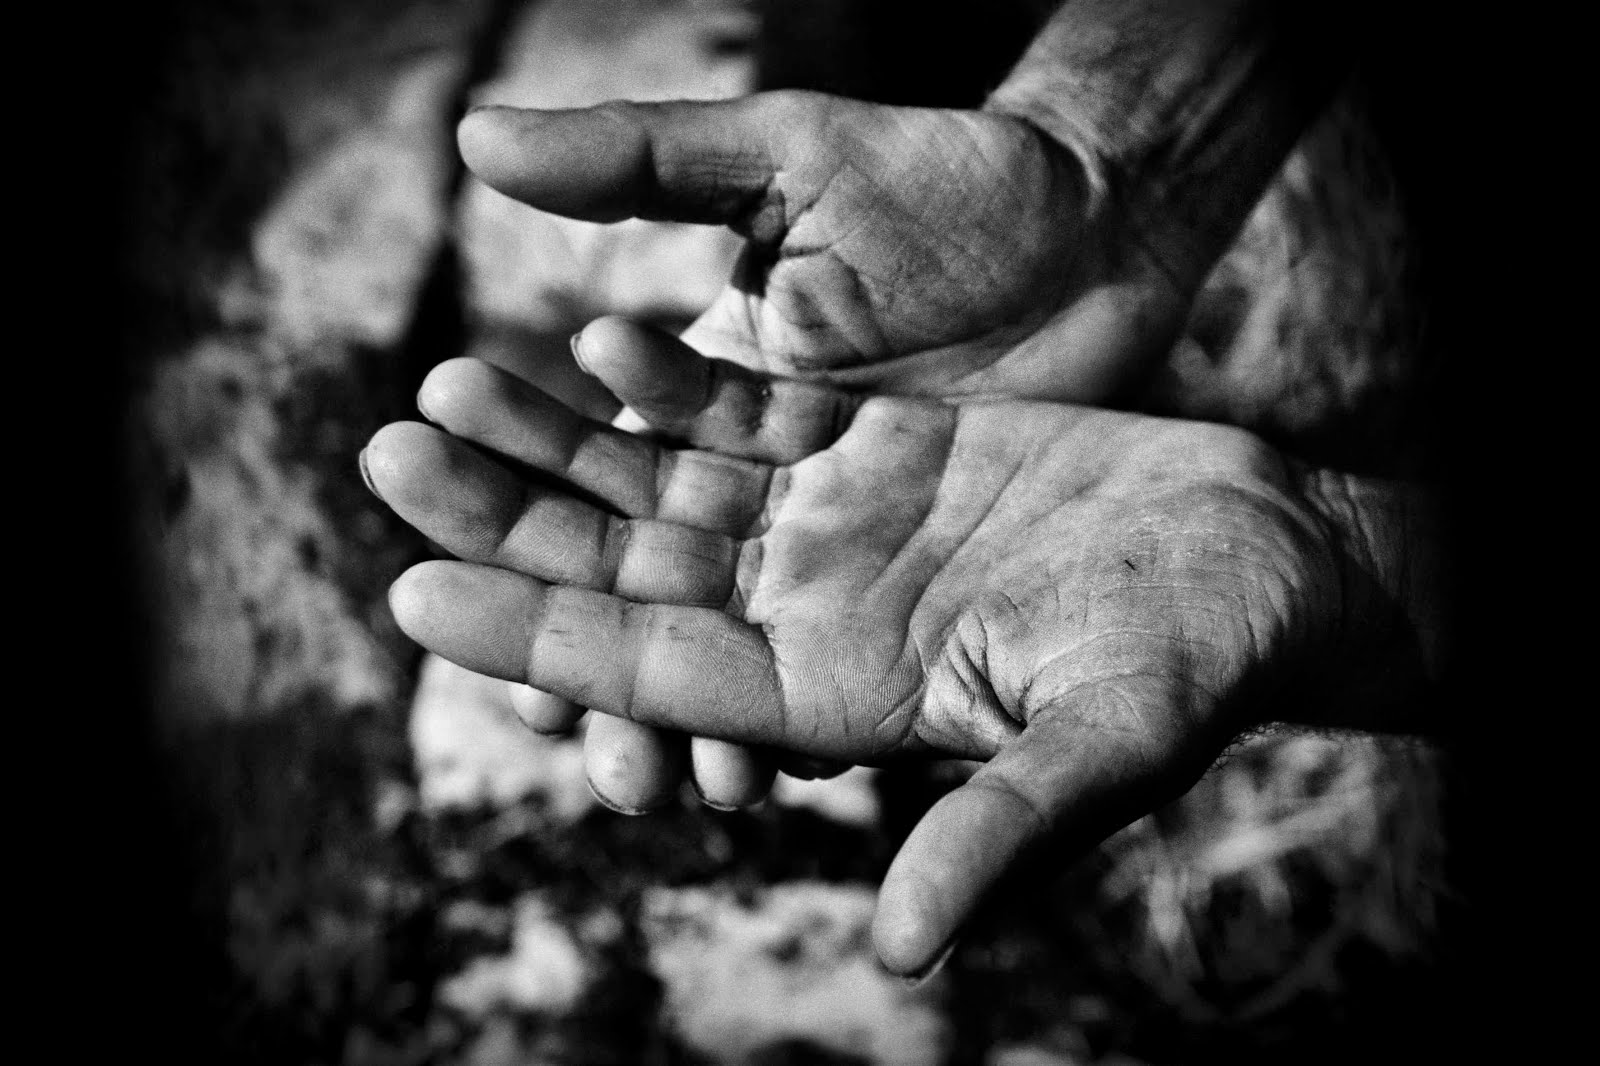 giovanni-caccamo-mani-di-questa-terra-1-758193